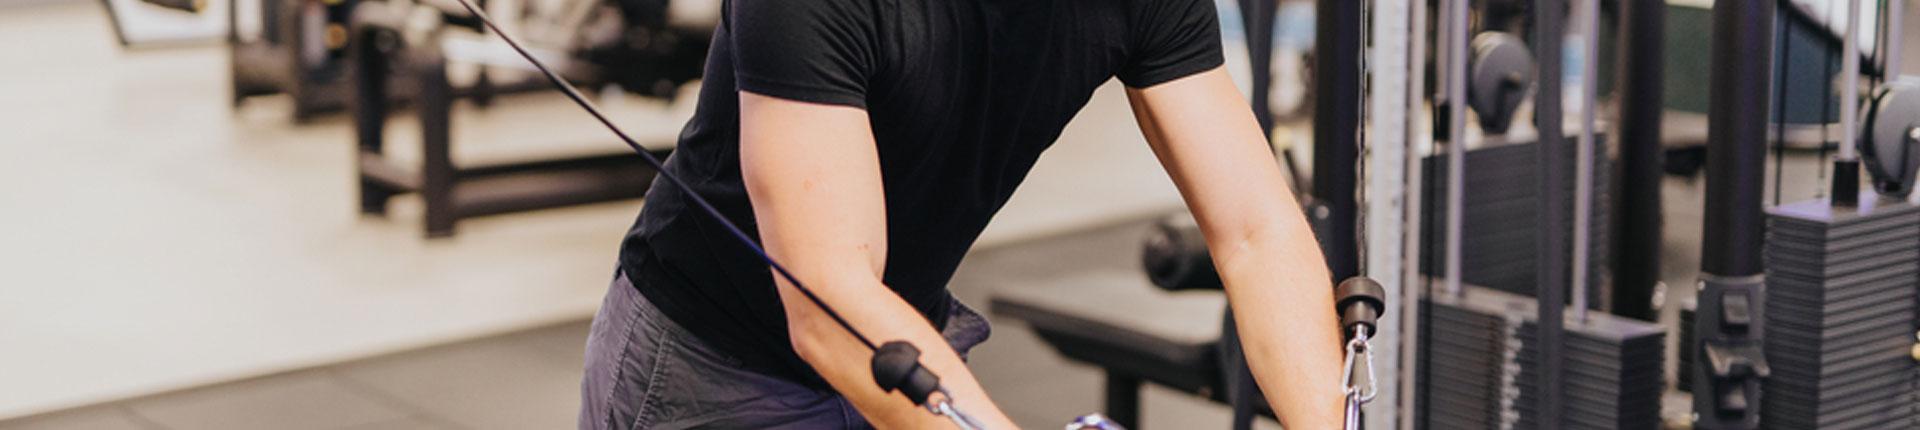 Trenować do upadku mięśniowego? Zalecenia dla osób po 40. Cz. I